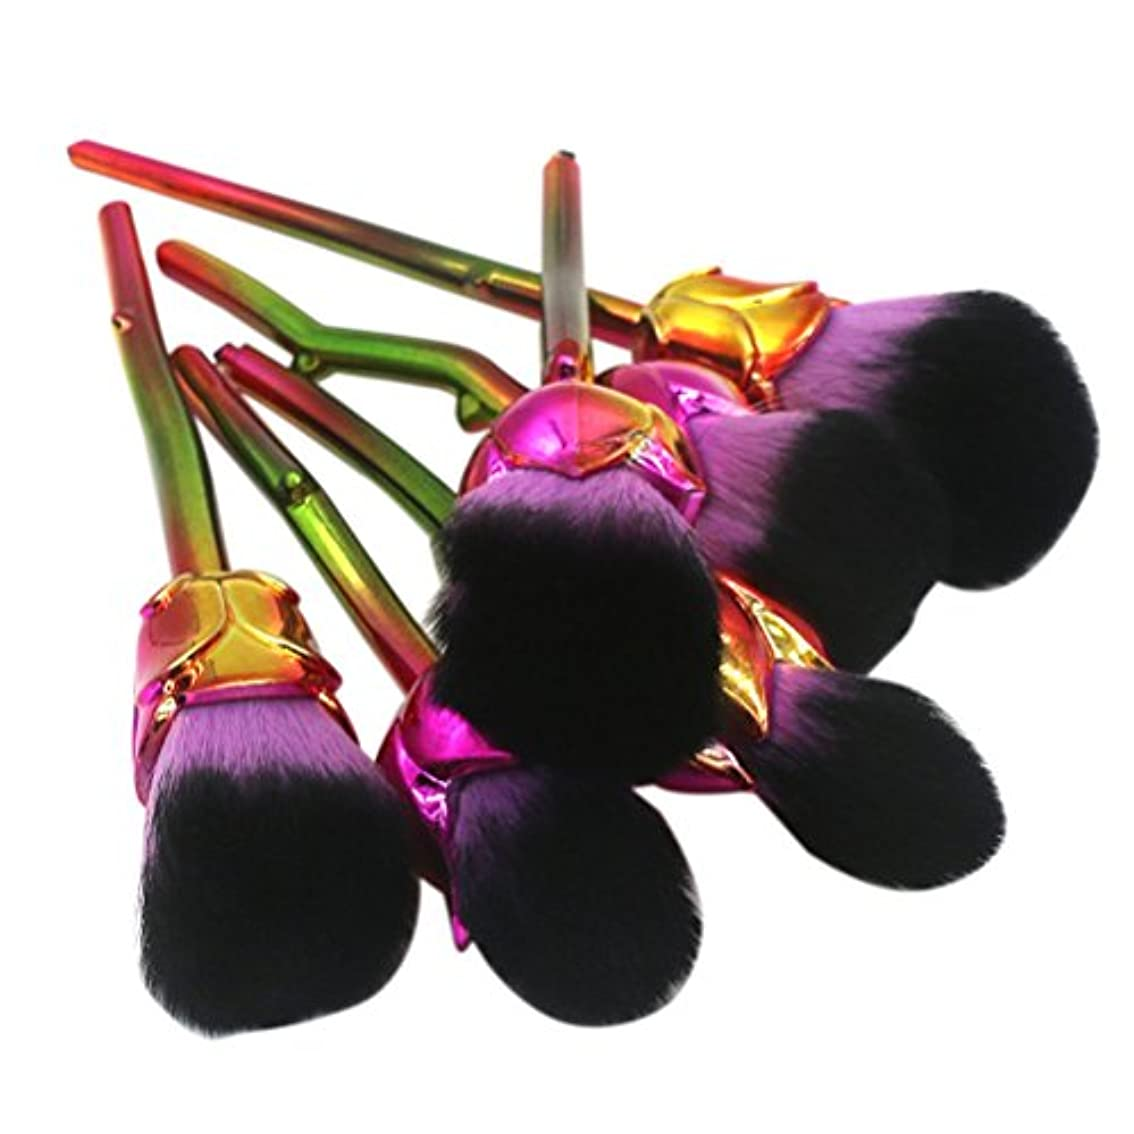 ブラザー皿スリルディラビューティー(Dilla Beauty) メイクブラシ 薔薇 メイクブラシセット 人気 ファンデーションブラシ 化粧筆 可愛い 化粧ブラシ セット パウダーブラシ フェイスブラシ ローズ メイクブラシ 6本セット ケース付き (パープル)